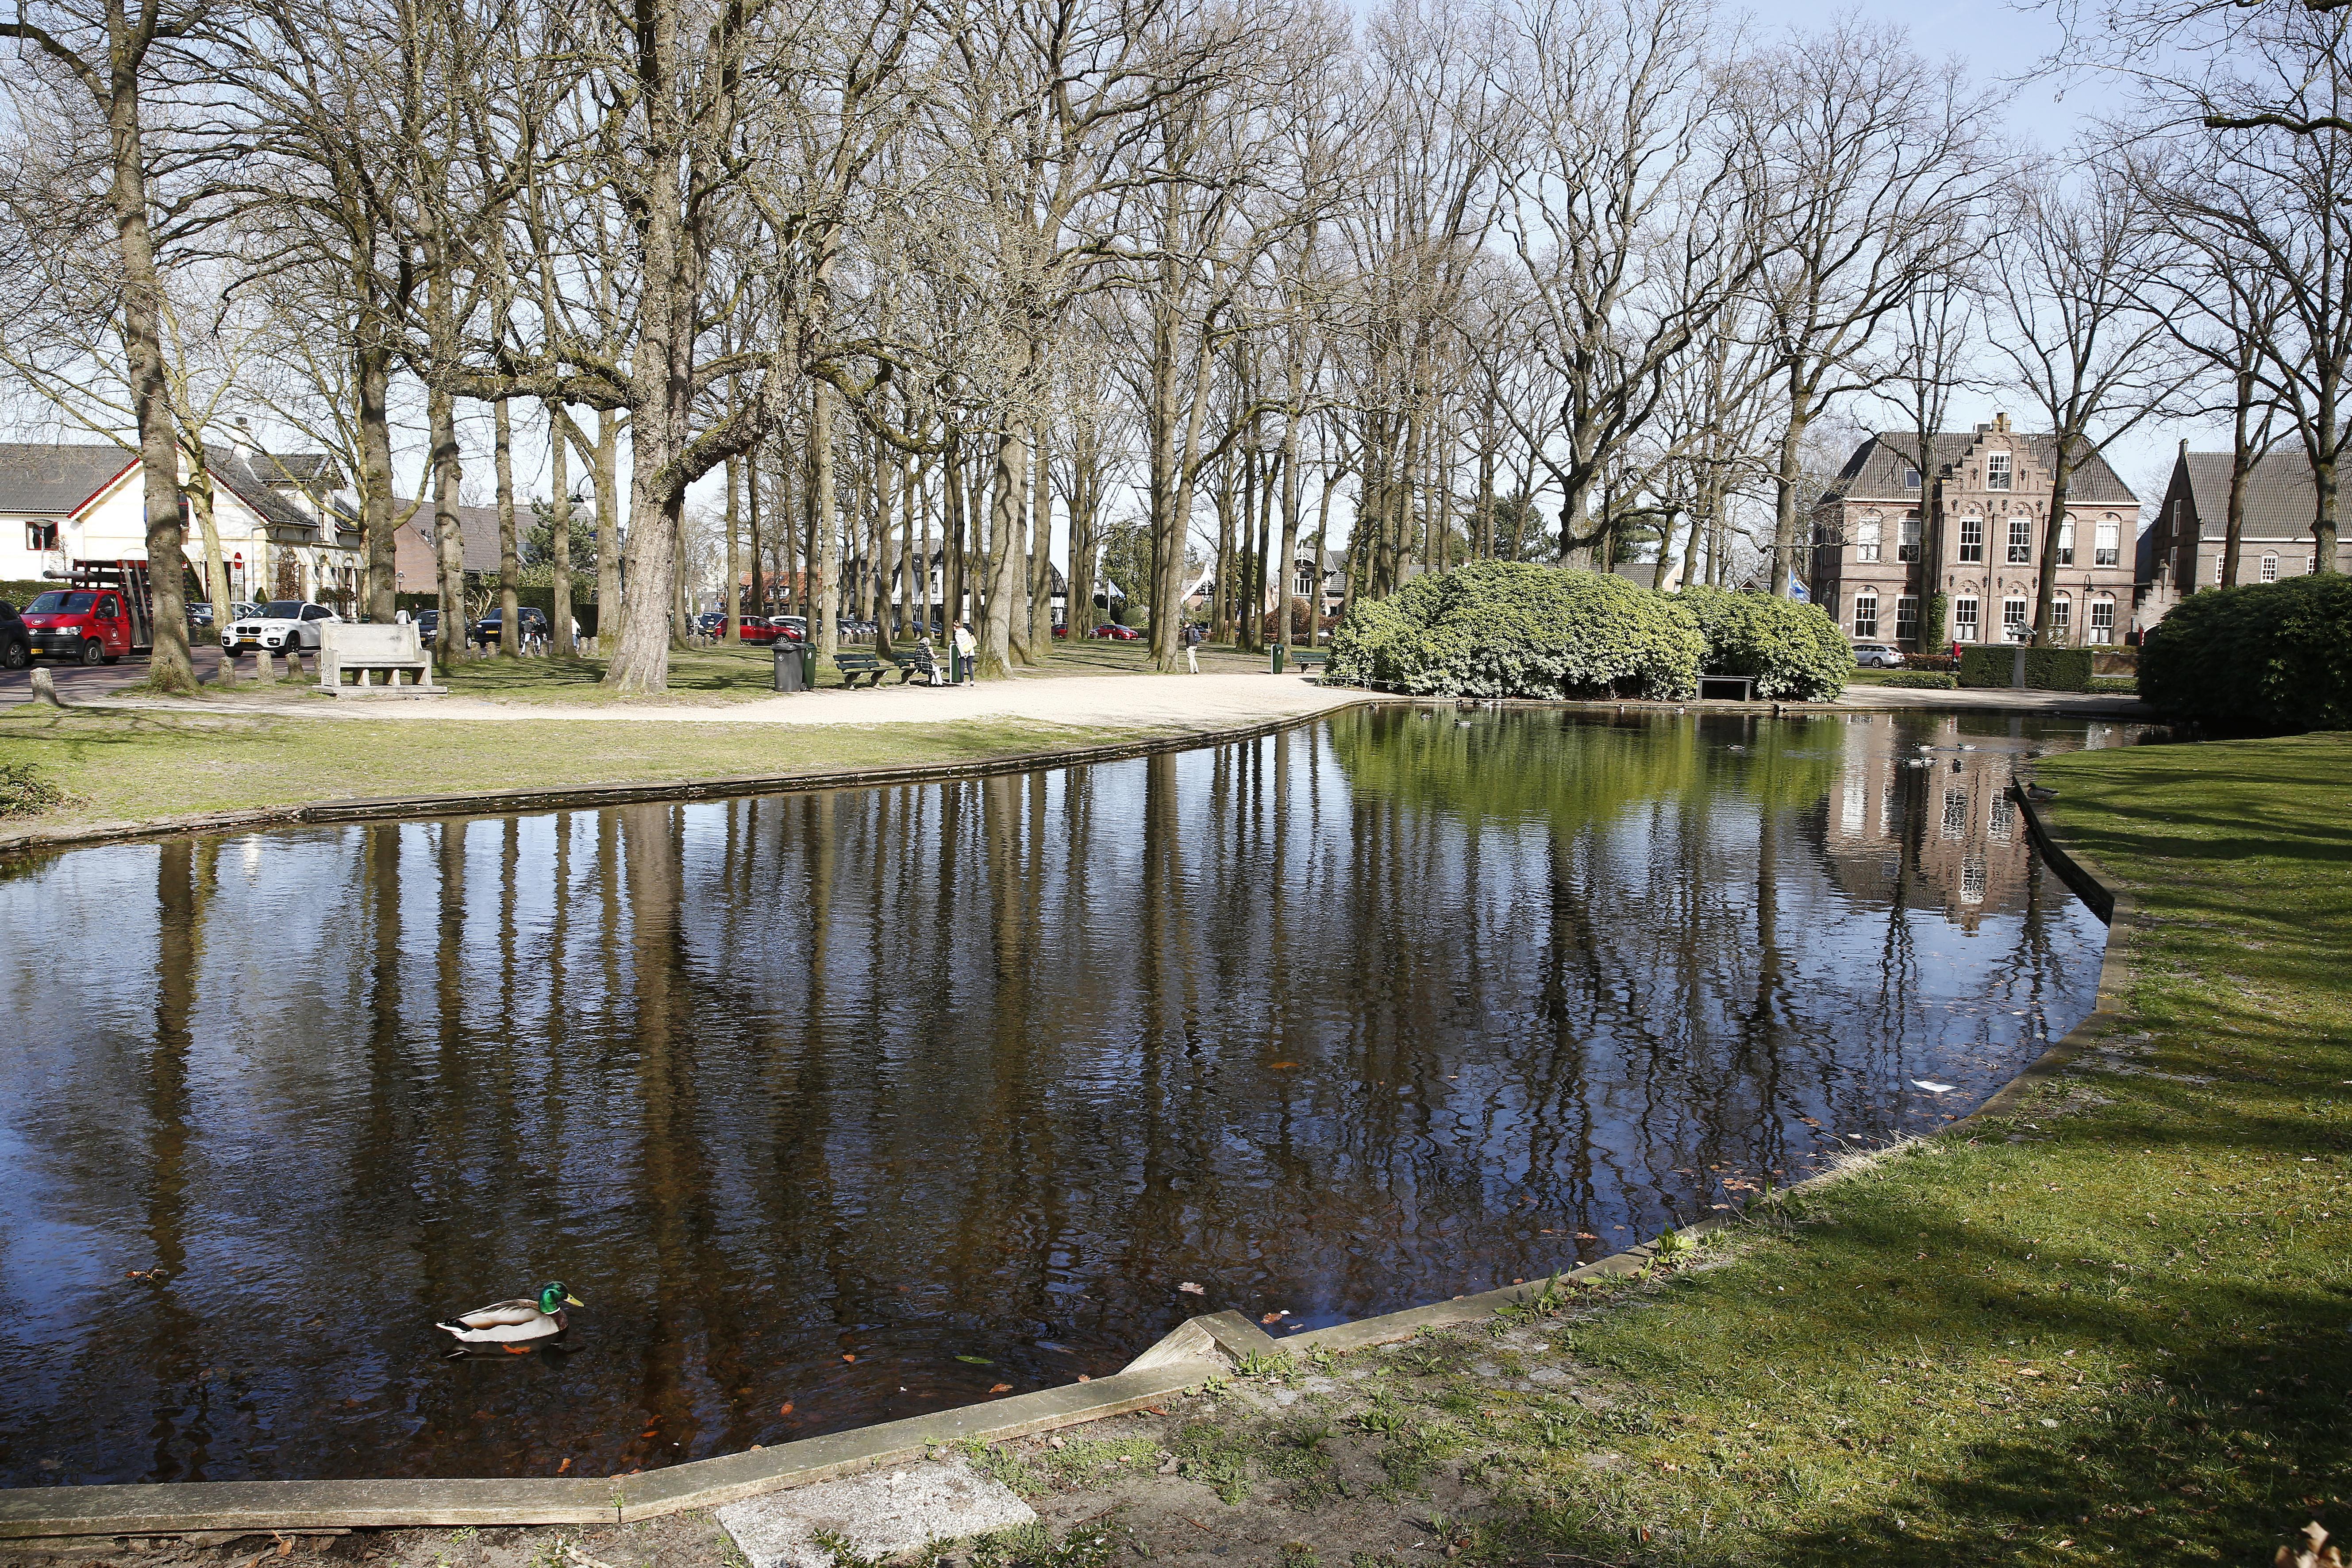 Commissie Laren ziet waterberging graag onder de vijver op de Brink, wel zitten ze nog met vragen; Is de kelder groot genoeg? Hoelang gaat die mee?